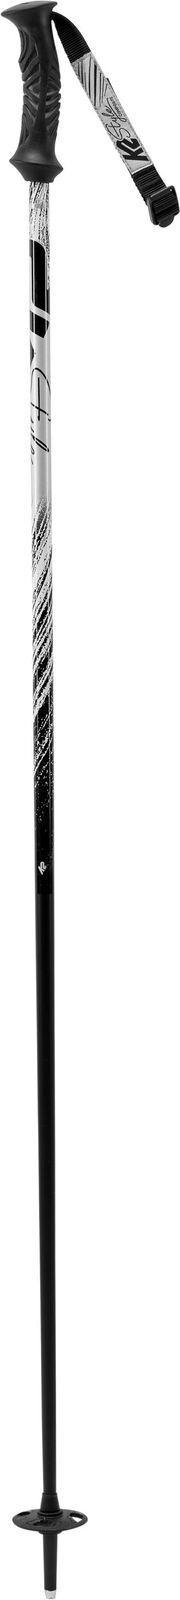 K2 Donna Bastoncini da Sci Racchette da Sci Style Composite Argento